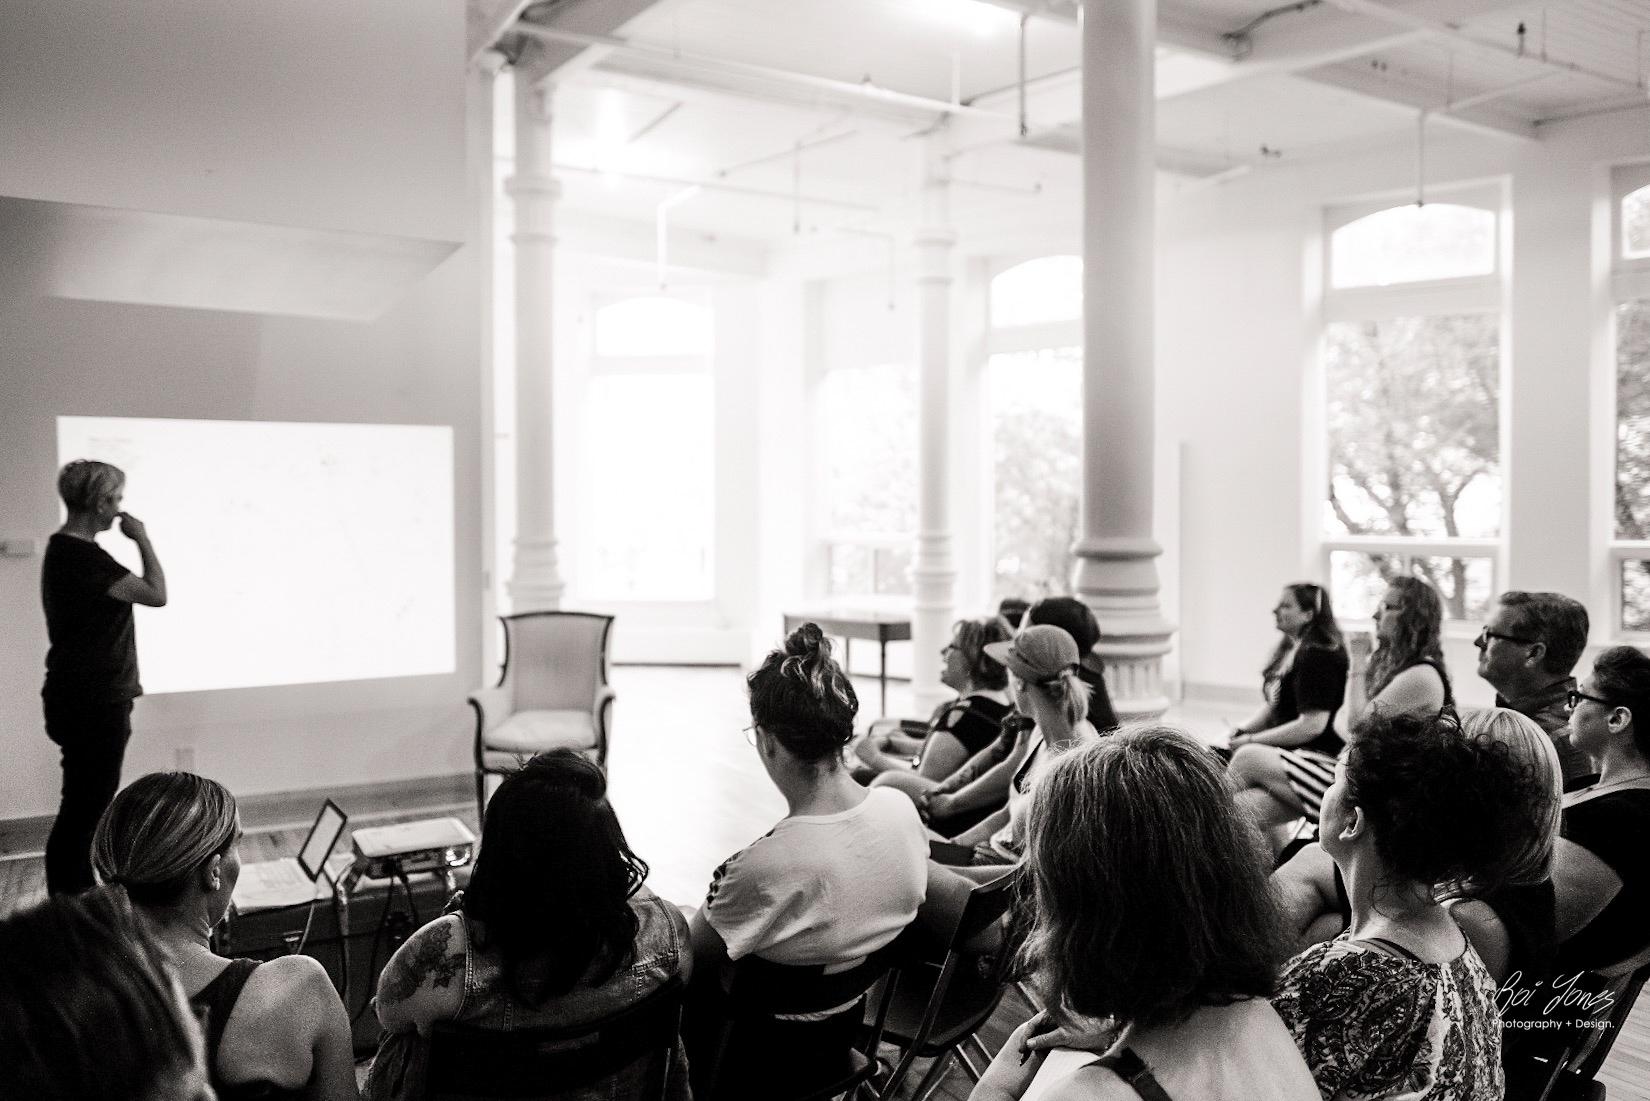 Winnipeg Living Room Sessions 2019 Image: Roi Jones